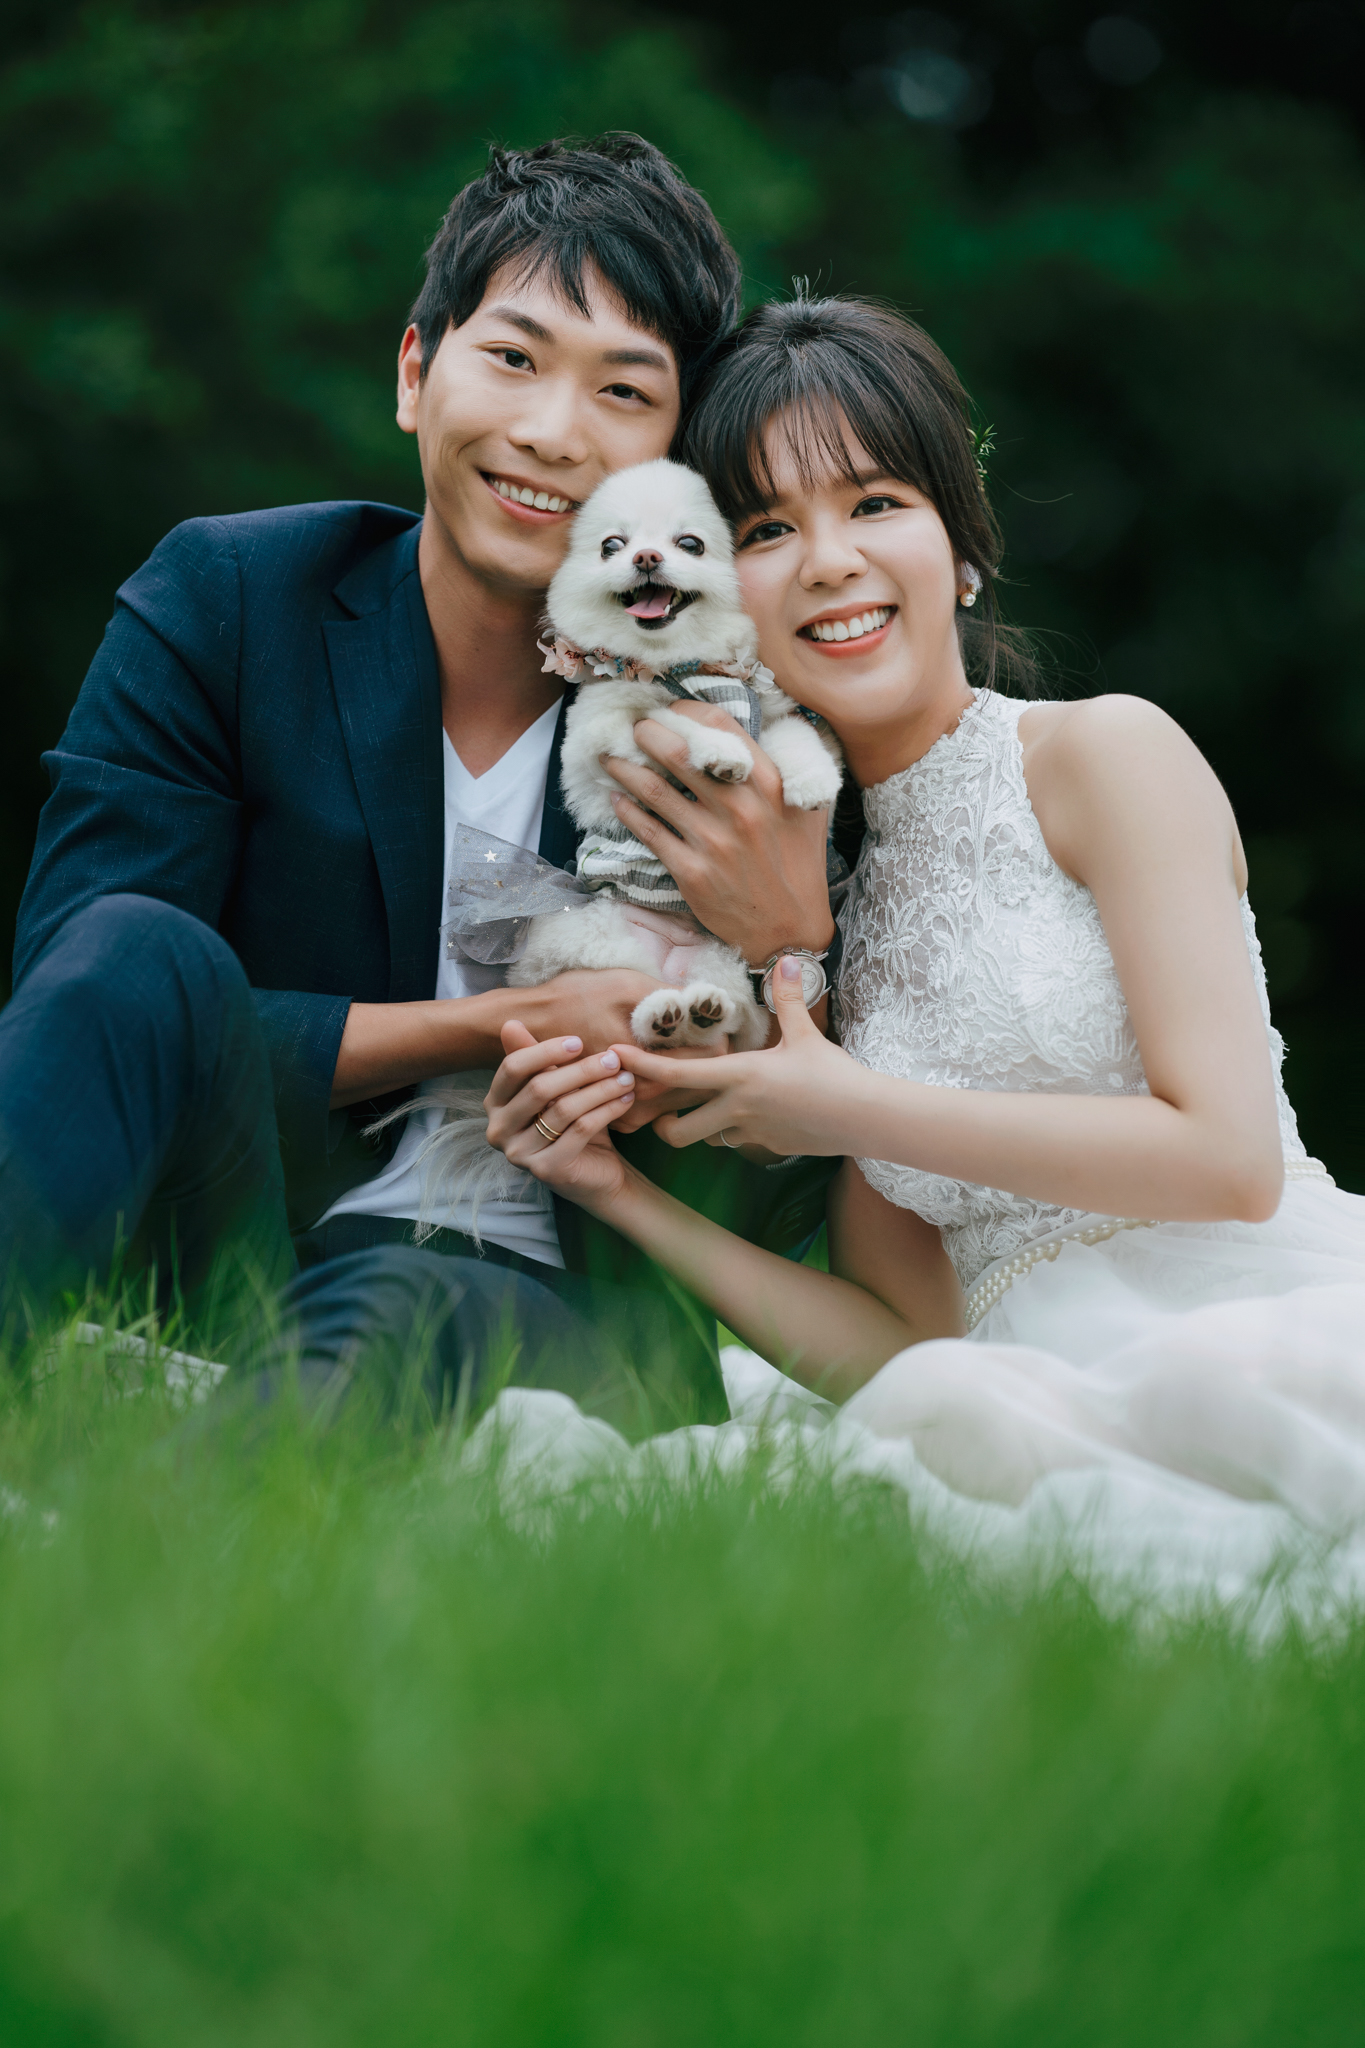 EW, 自助婚紗, 台北婚紗, Donfer, 東法婚紗, 自然風格婚紗影像, 寵物婚紗